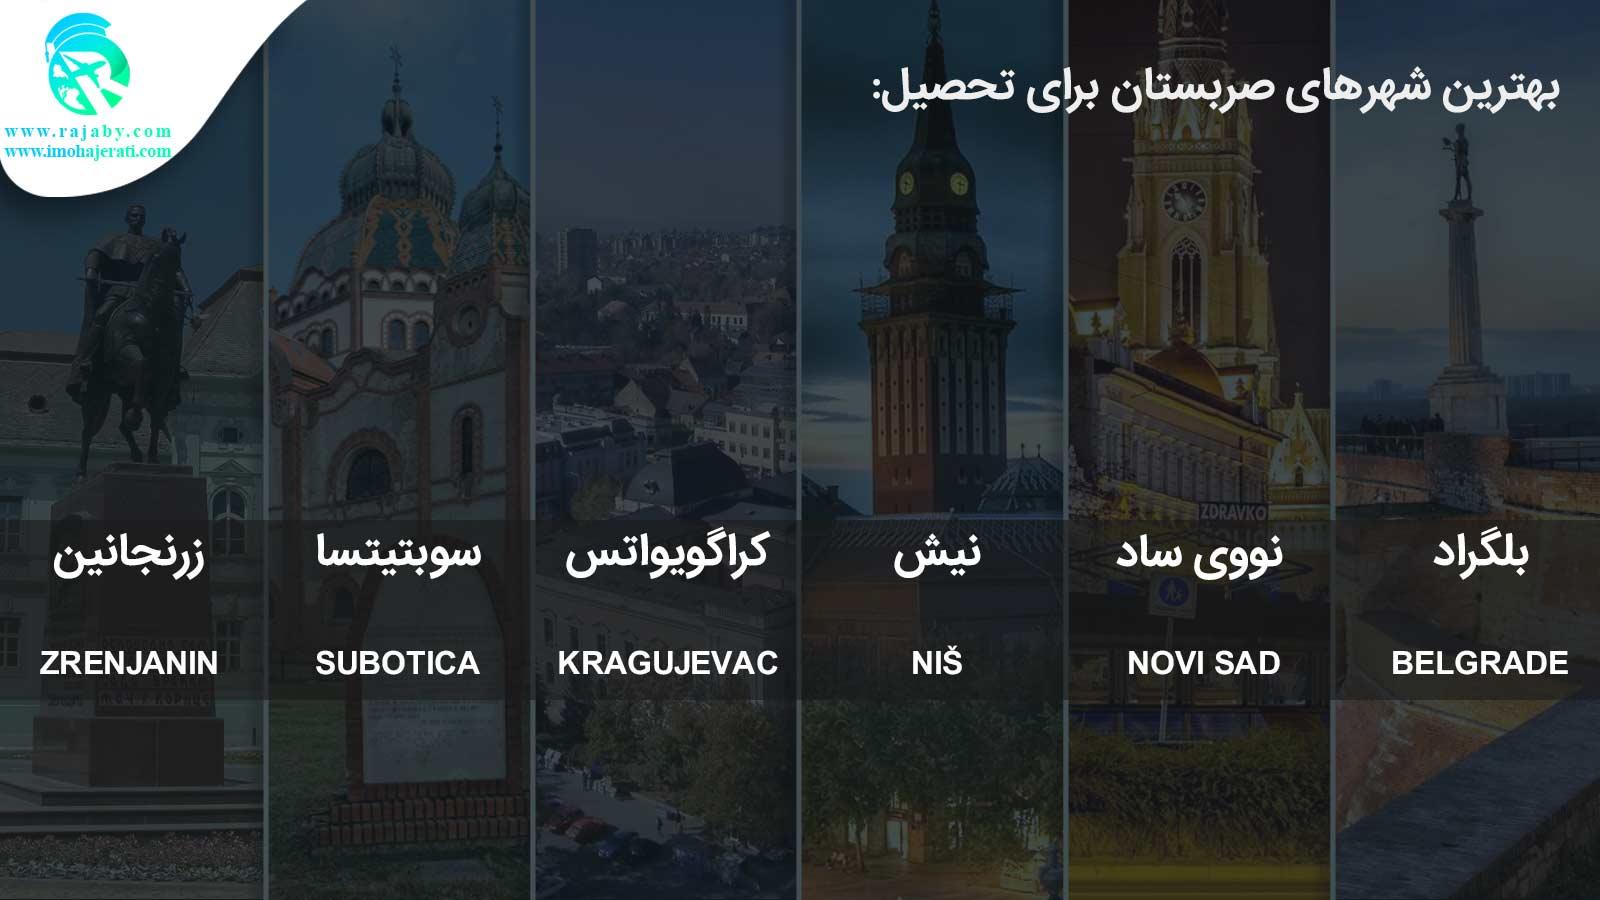 مزایا و معایب تحصیل در صربستان